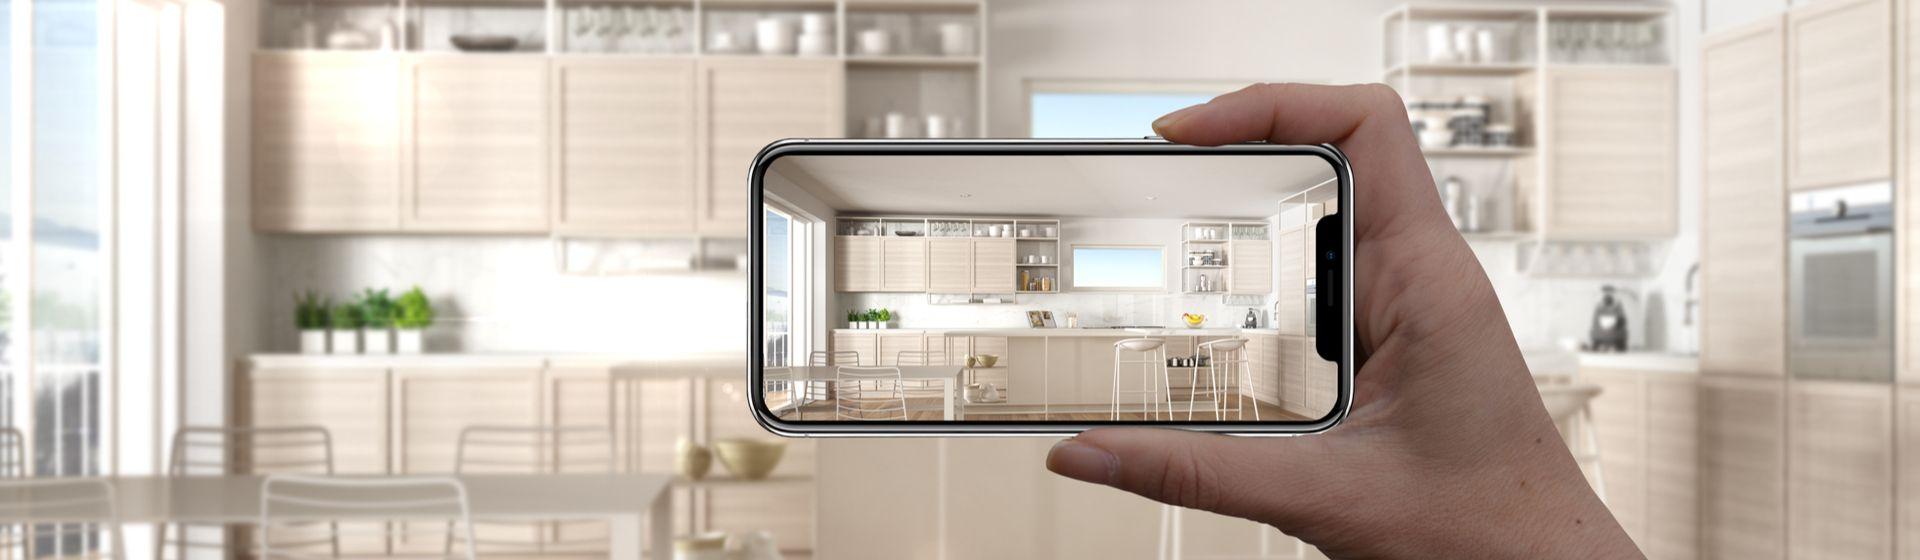 Dia da arquitetura: 5 apps para montar projetos pelo celular